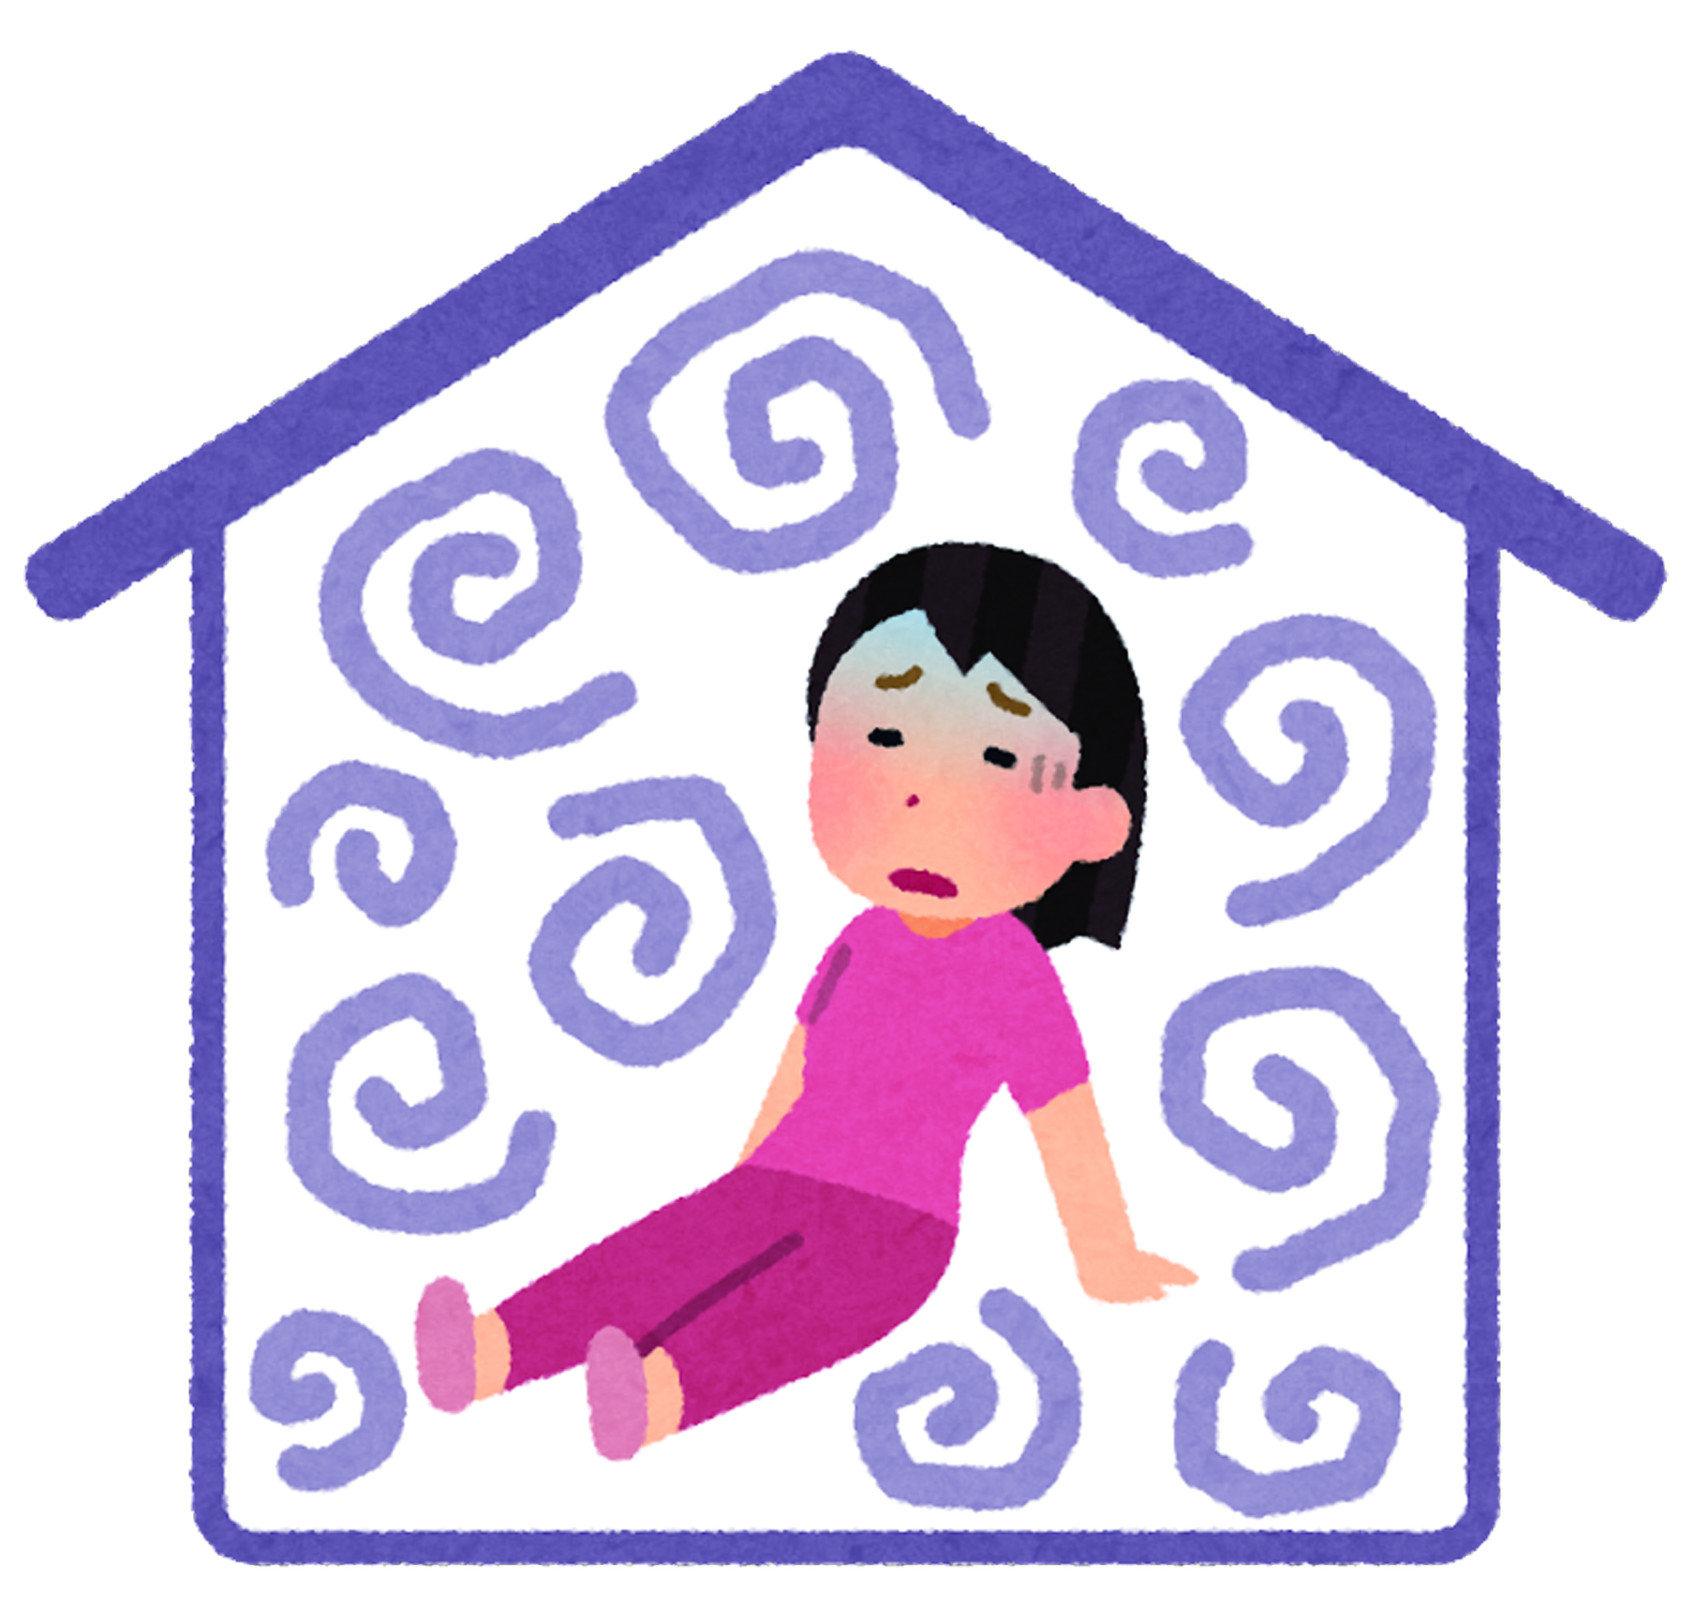 室內汙染不容小覷!空汙問題百百種,但其實不只室外會有因廢氣排放引起的汙染, 室內更會有因著裝潢帶來的「甲醛」、「乙醛」,甚至從門外被帶入的各式「過敏原」與「細菌」、「病毒」。